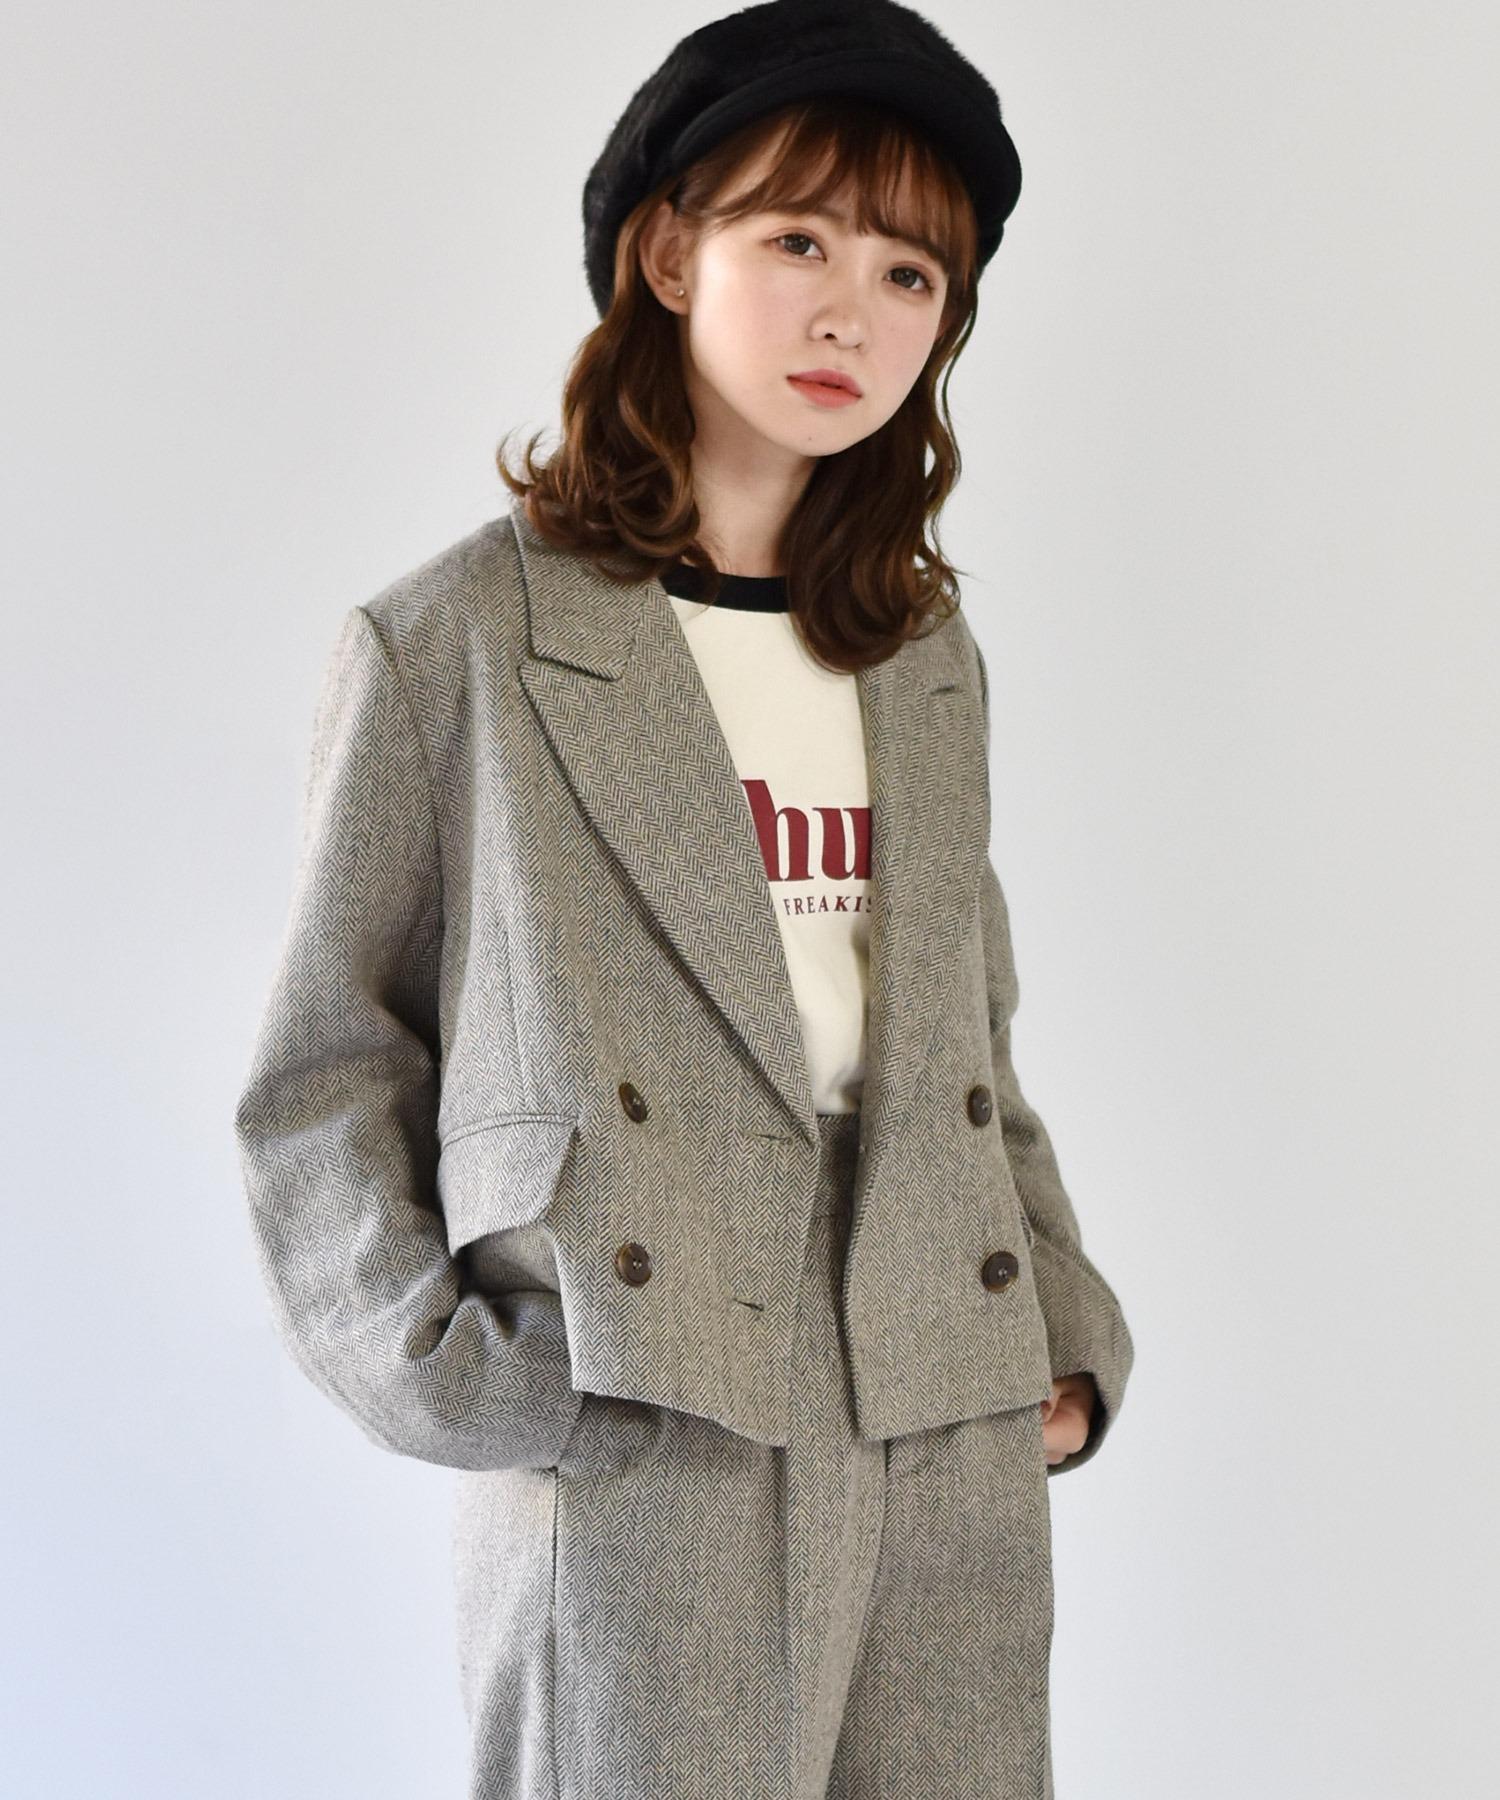 https://www.retro-girl.jp/item/48795485.html